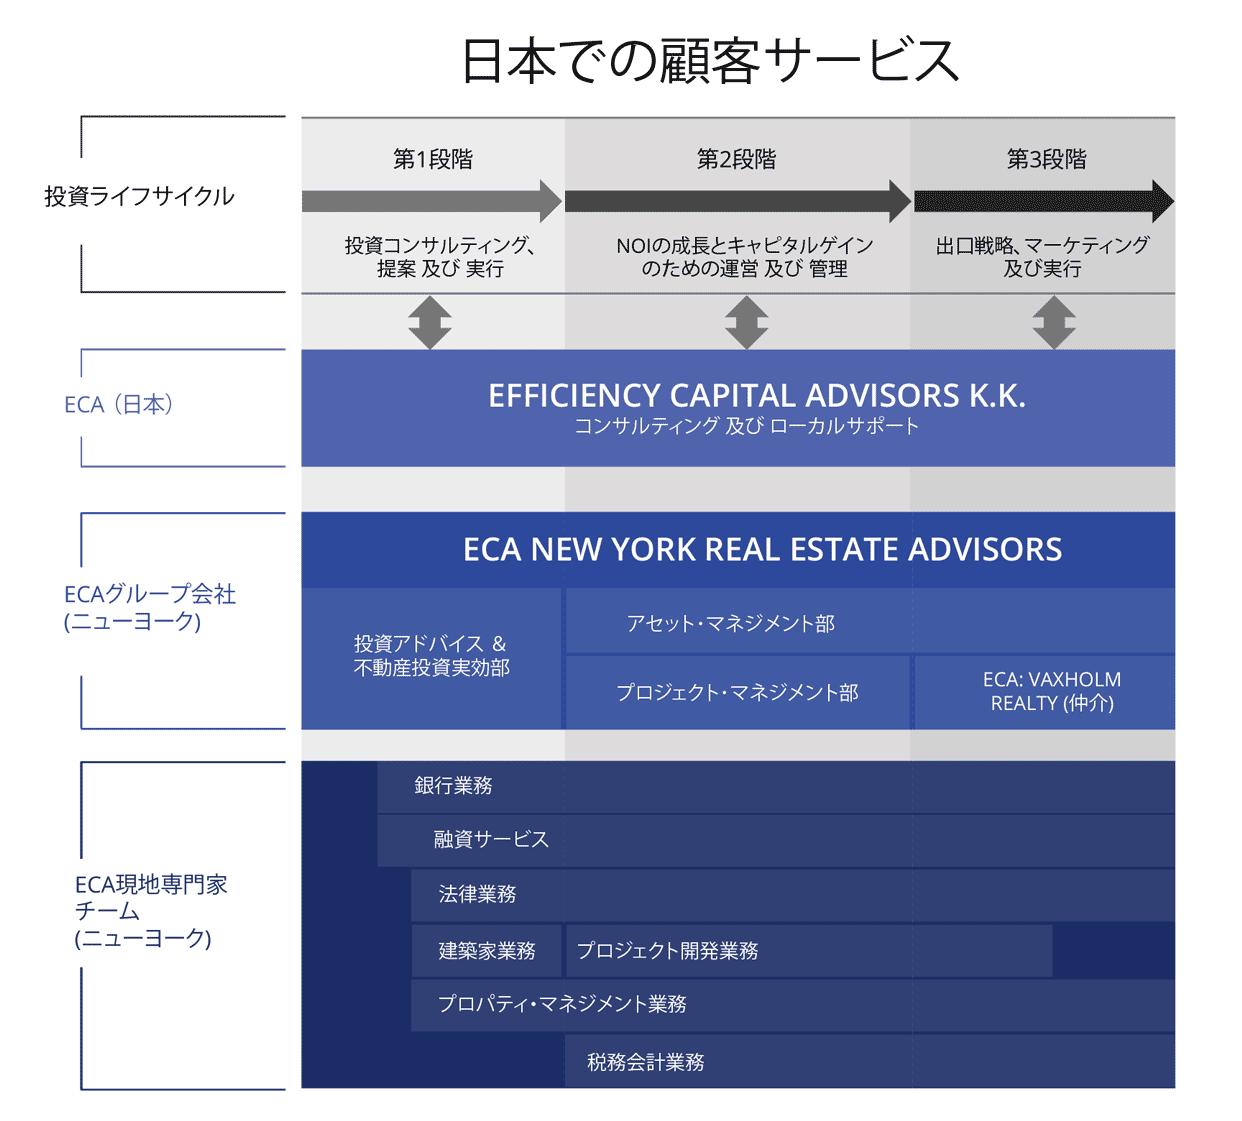 eca-clientservices-jpn